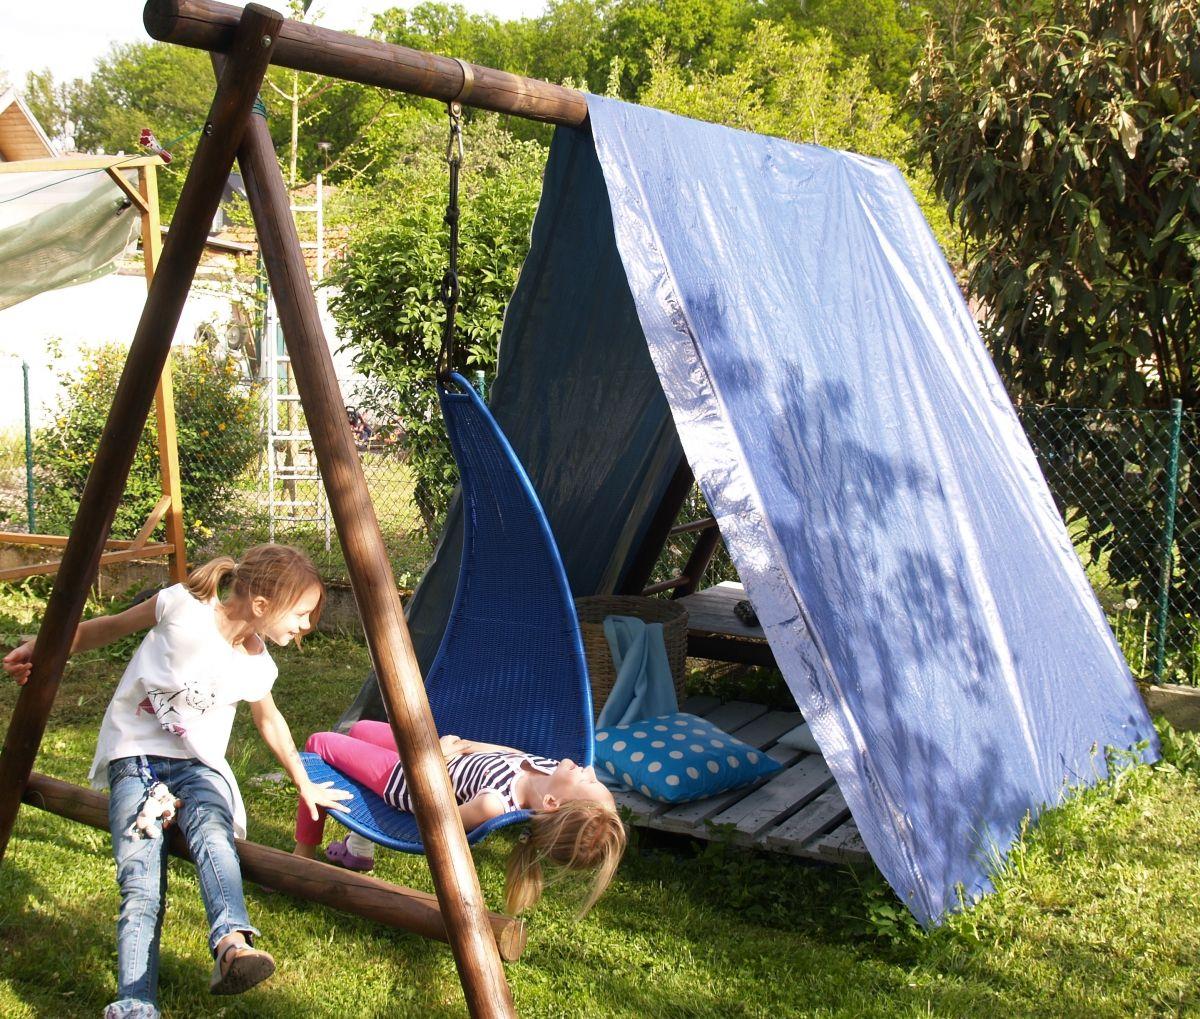 ideen f r den garten die deine kinder lieben werden pinterest gardens backyard and garten. Black Bedroom Furniture Sets. Home Design Ideas